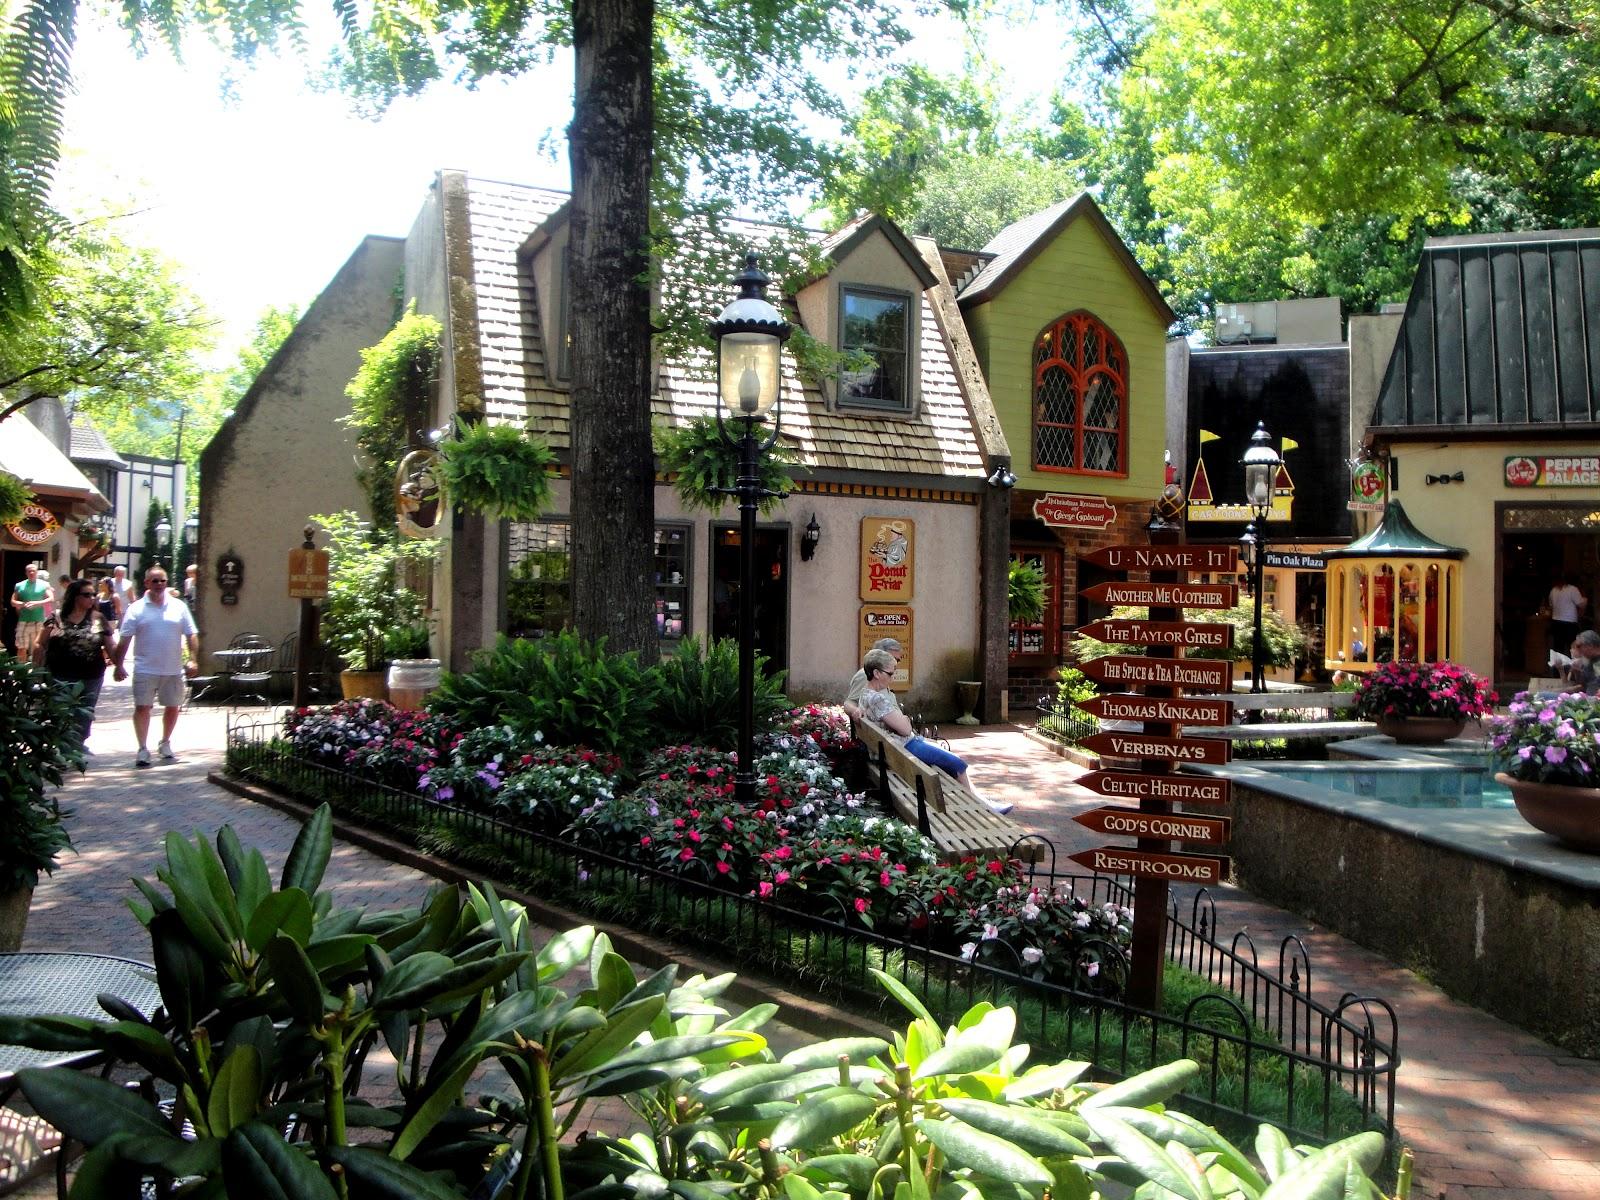 Gatlinburg Village Shops In Gatlinburg Tn Tennessee